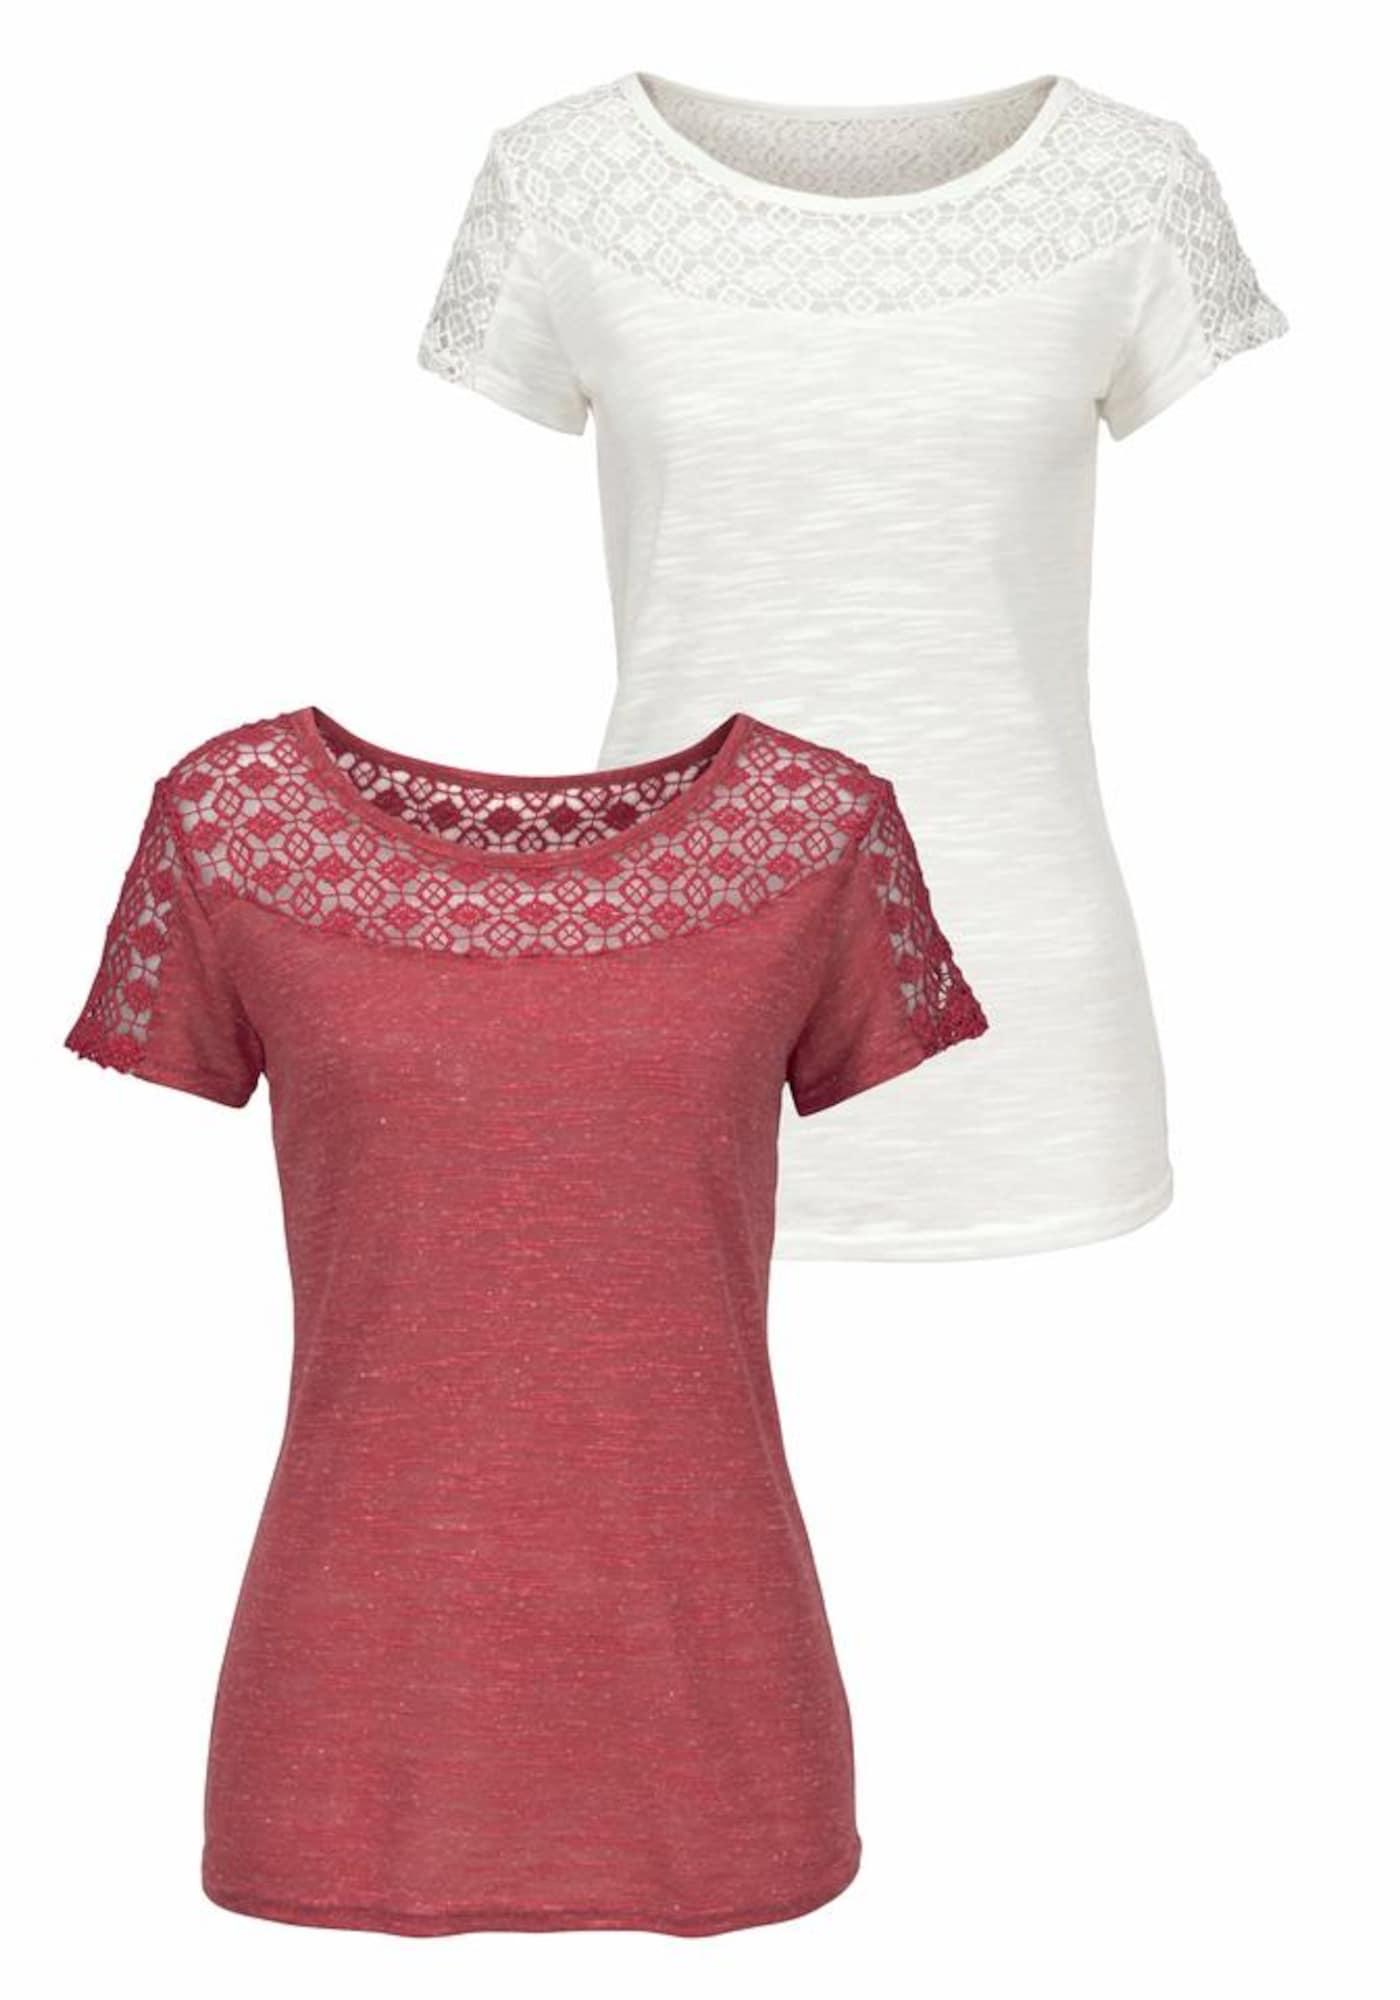 VIVANCE Marškinėliai kremo / rūdžių raudona